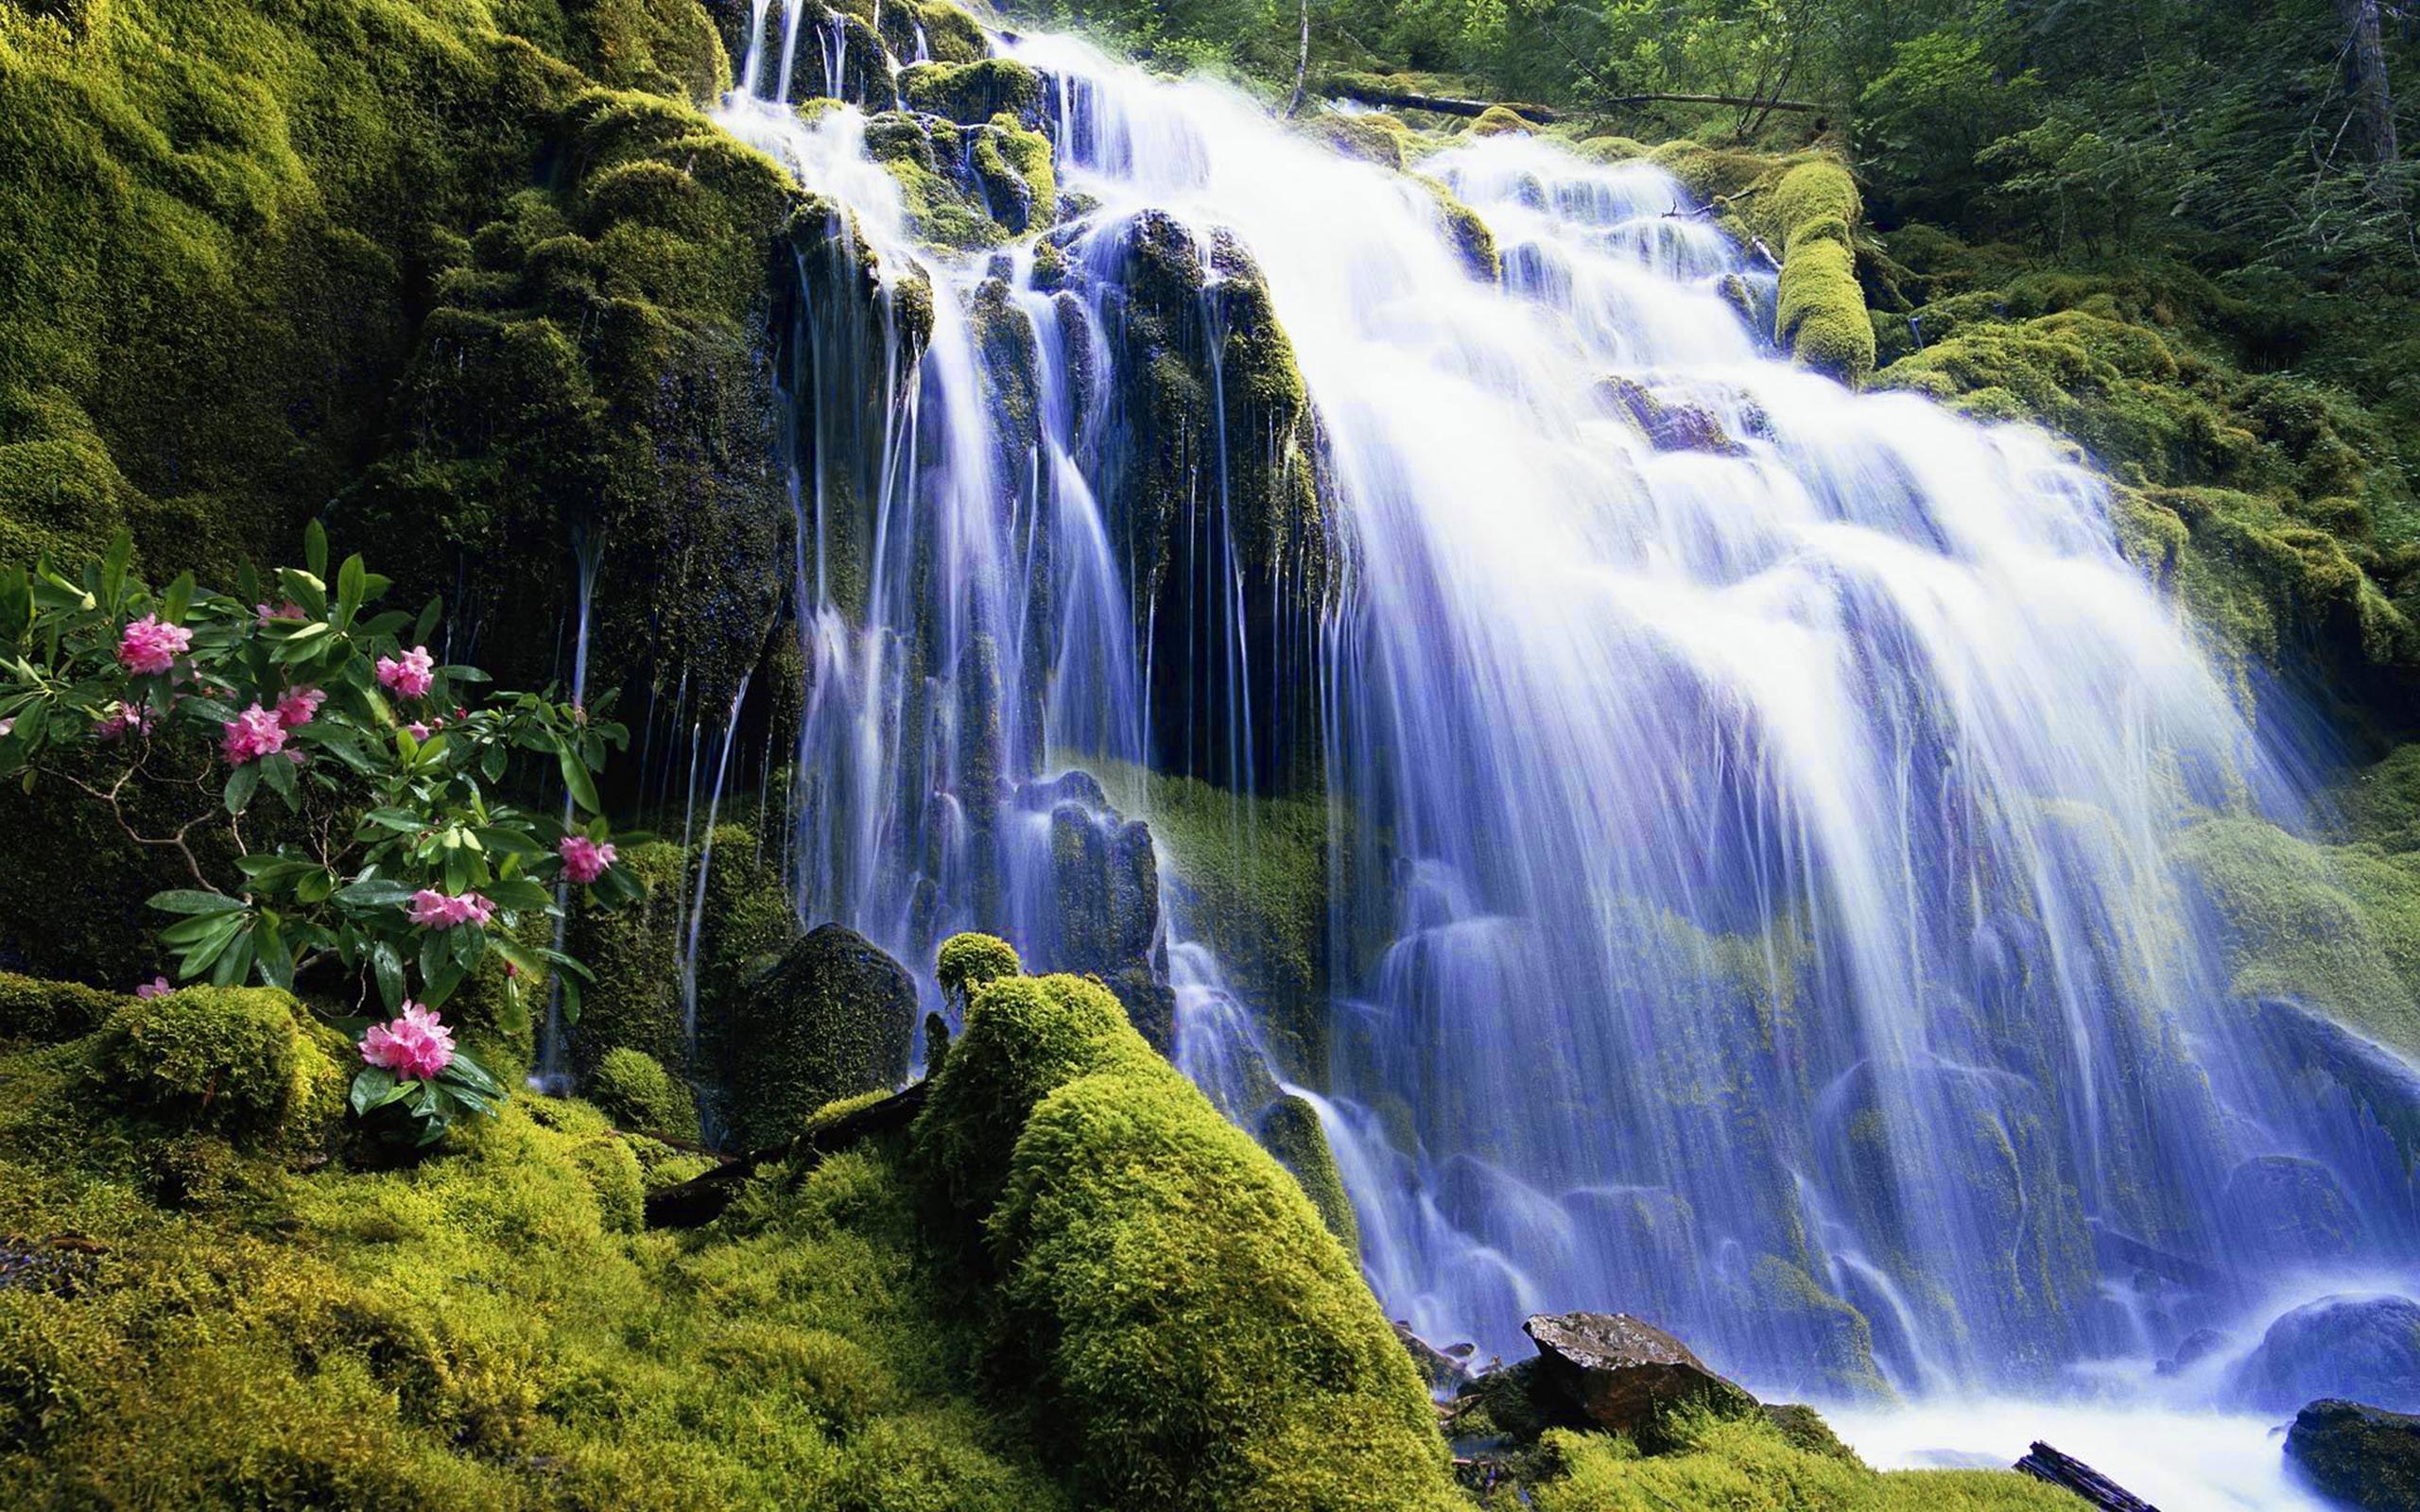 Earth Flower Forest Moss Rock Tree Waterfall 2560x1600